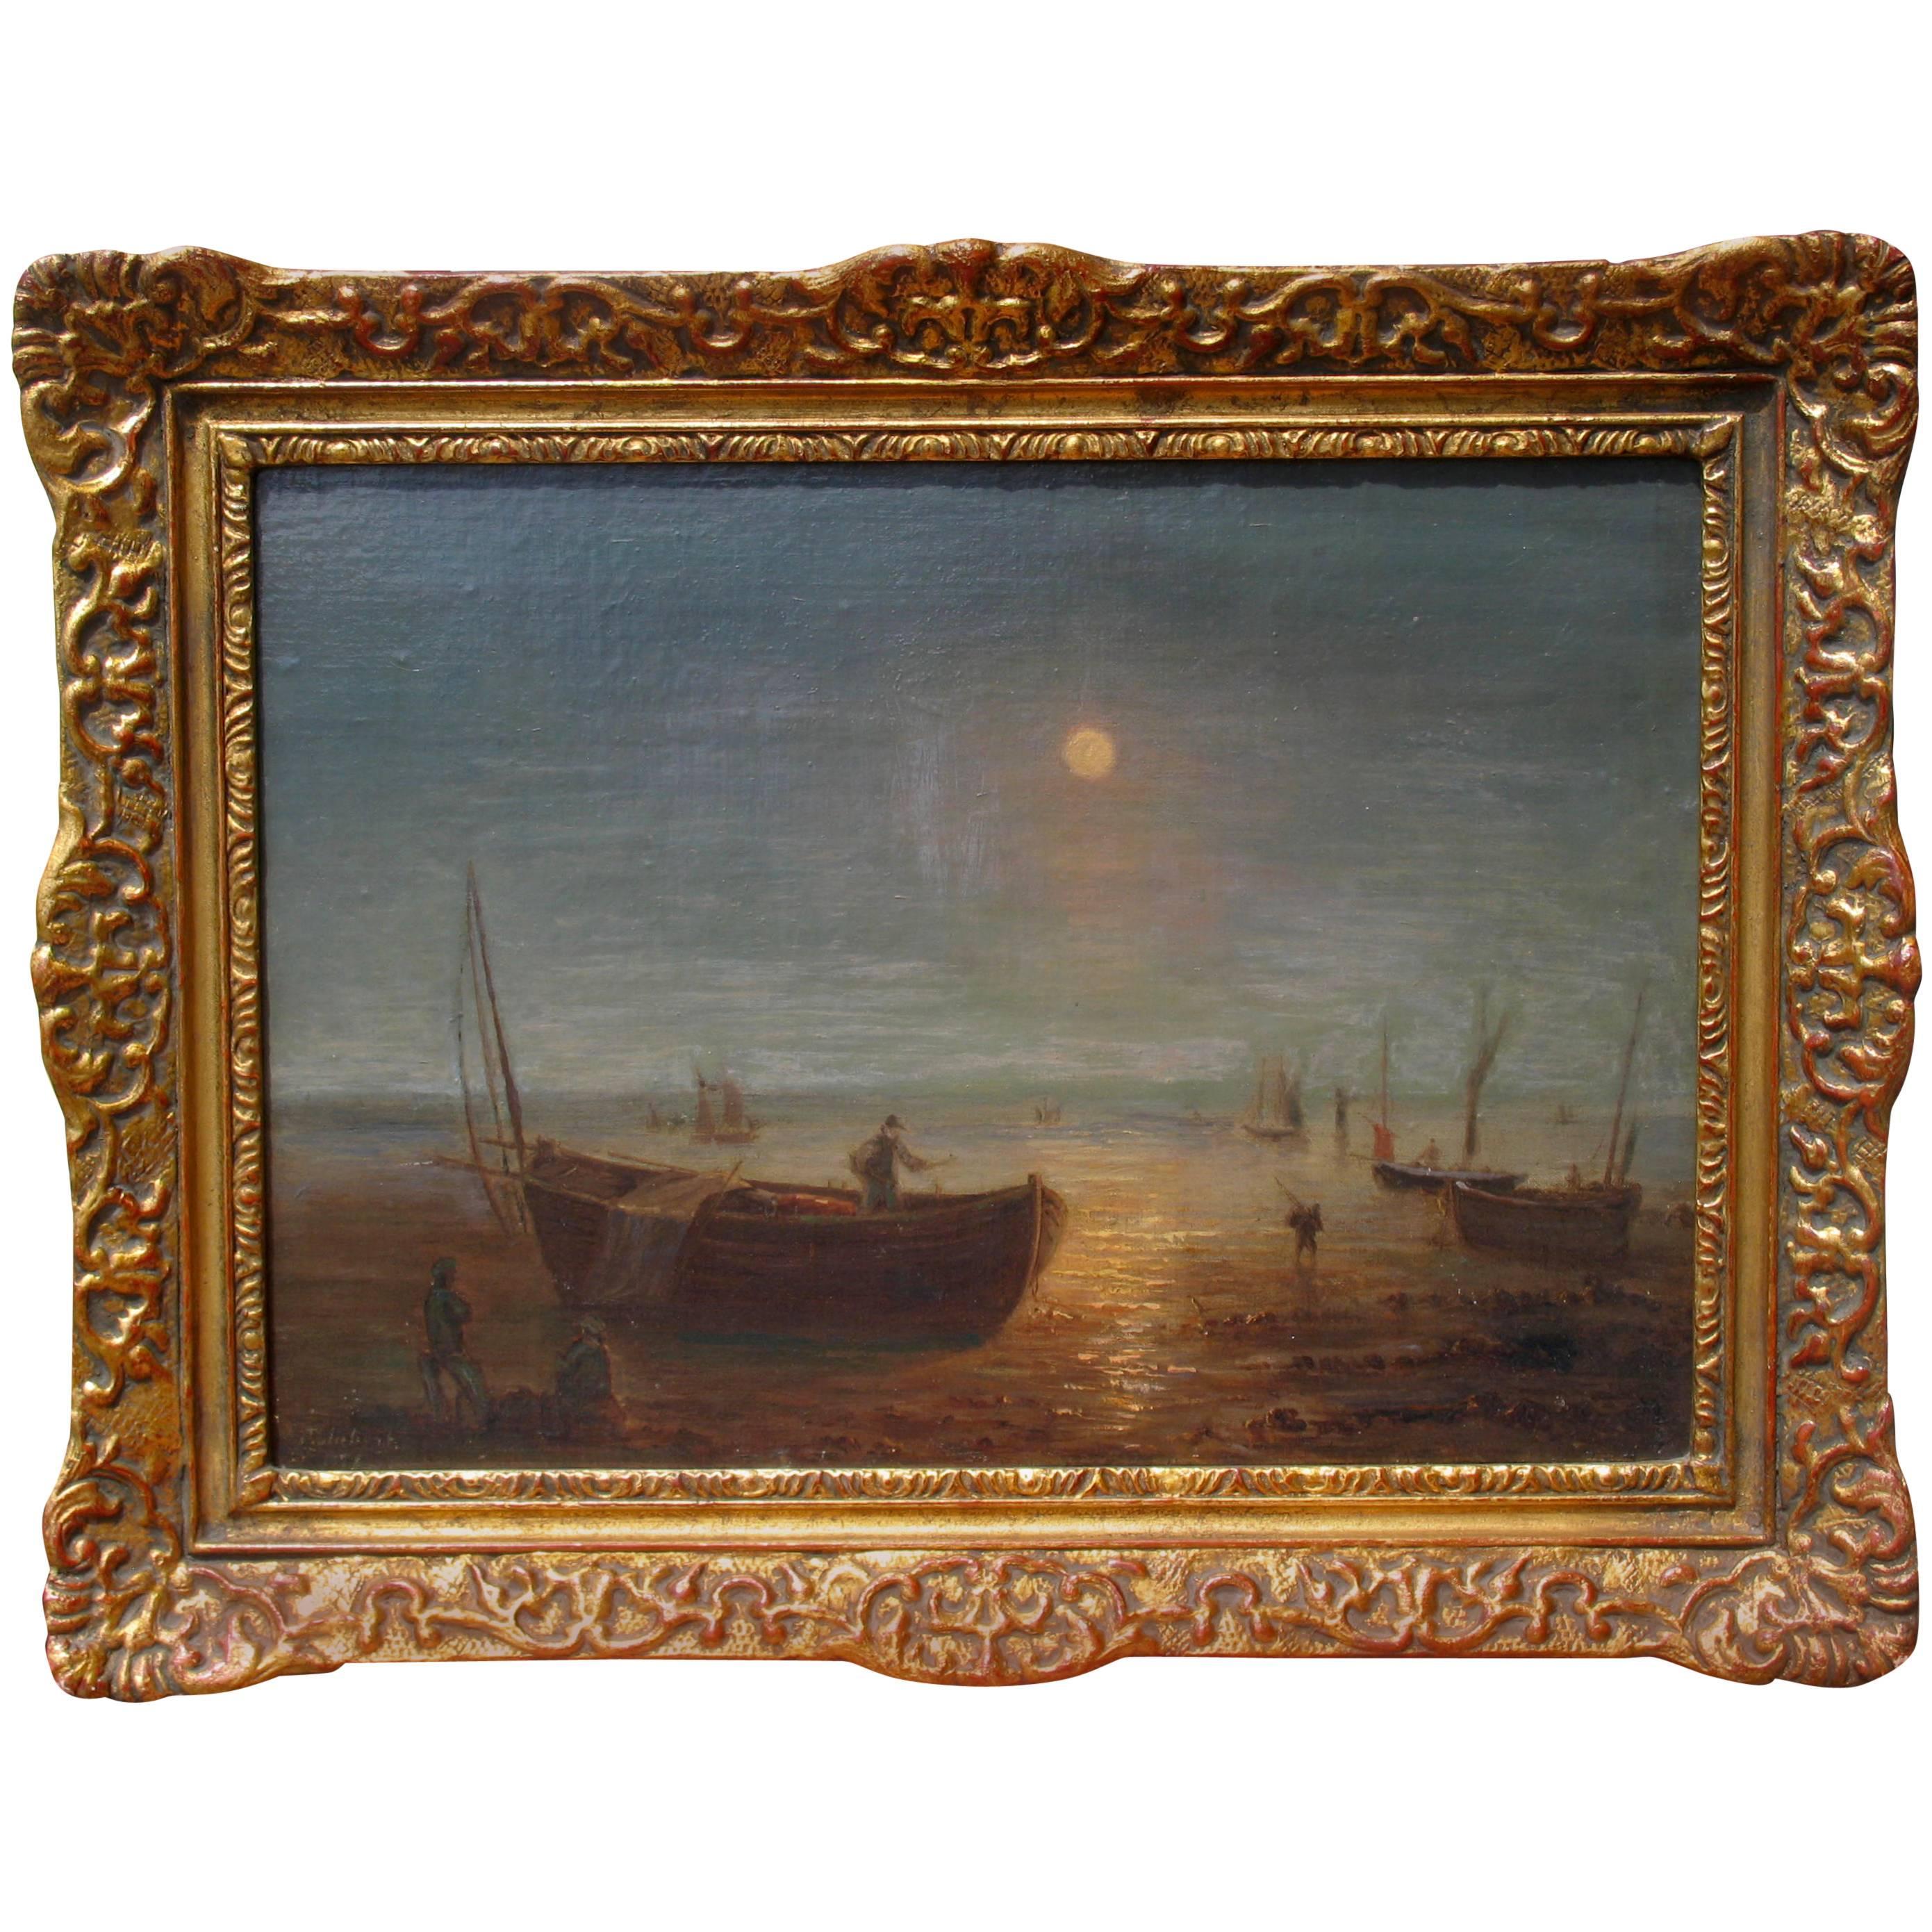 Painting by Jean Ernest Aubert 'Born 1824 Paris'